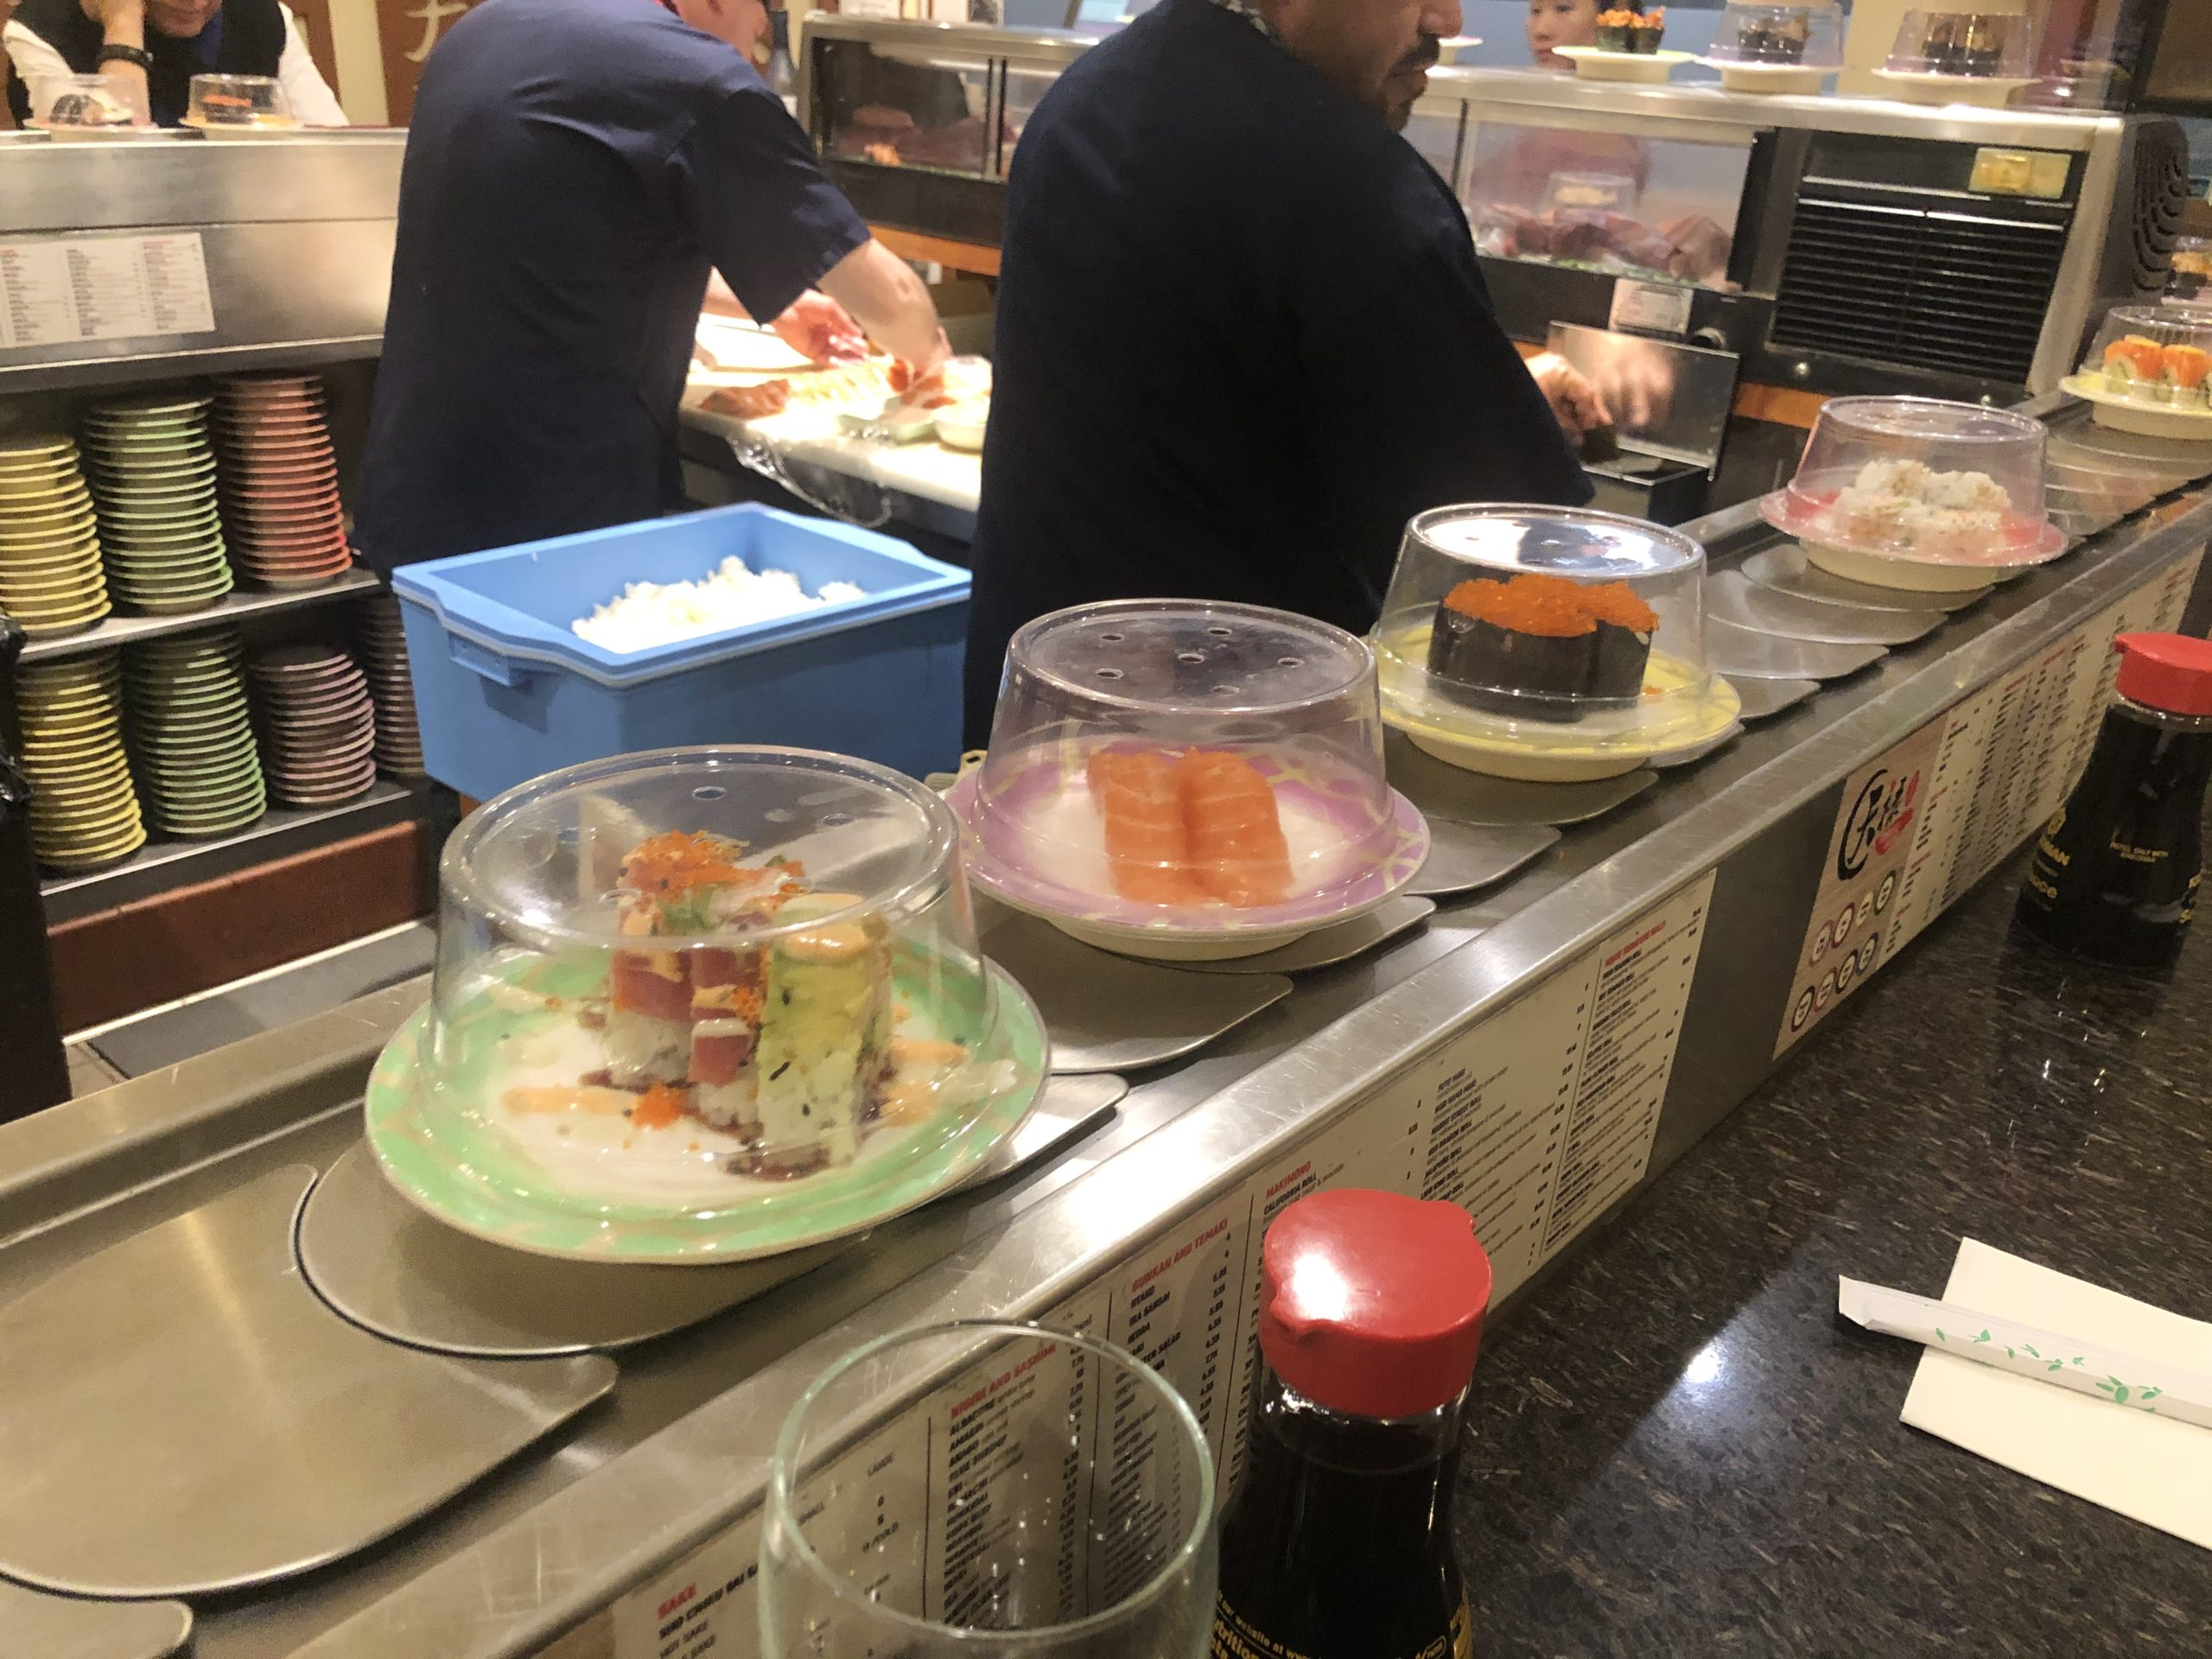 サンフランシスコ、ジャパンタウンにて、変り種のお寿司を食べよう。天禄寿司さんのご紹介。